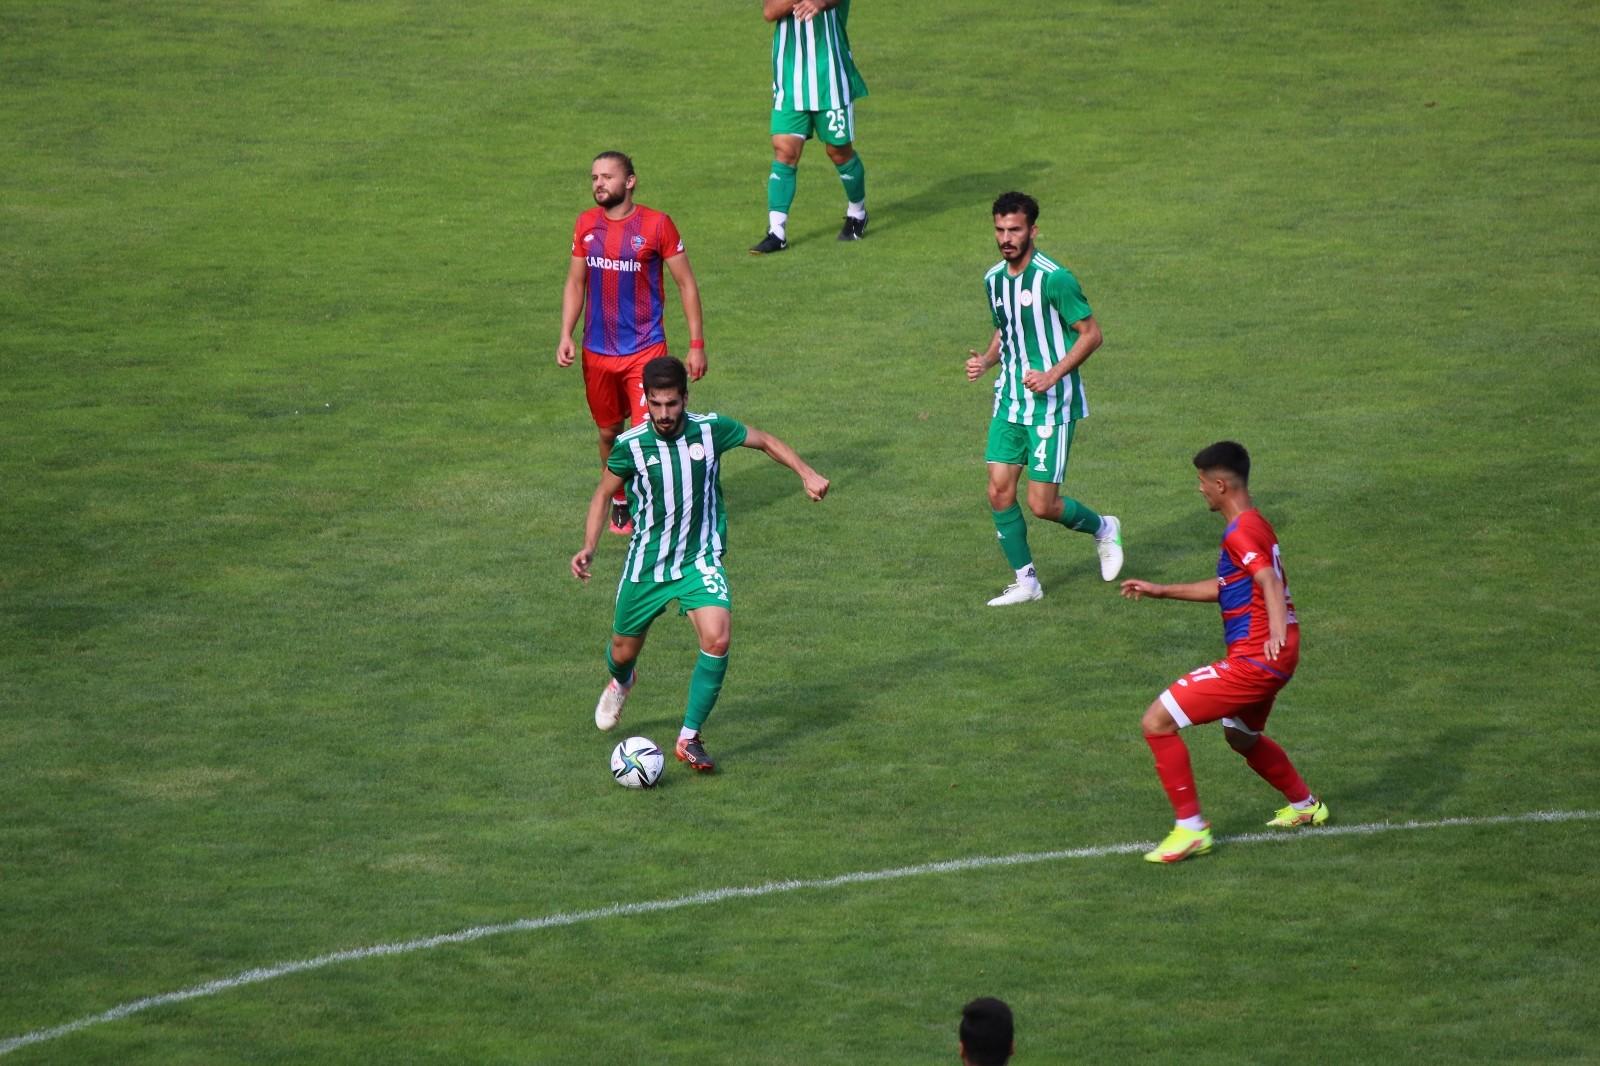 TFF 3. Lig: Kardemir Karabükspor: 0 – Karbel Karaköprü Belediyespor: 4